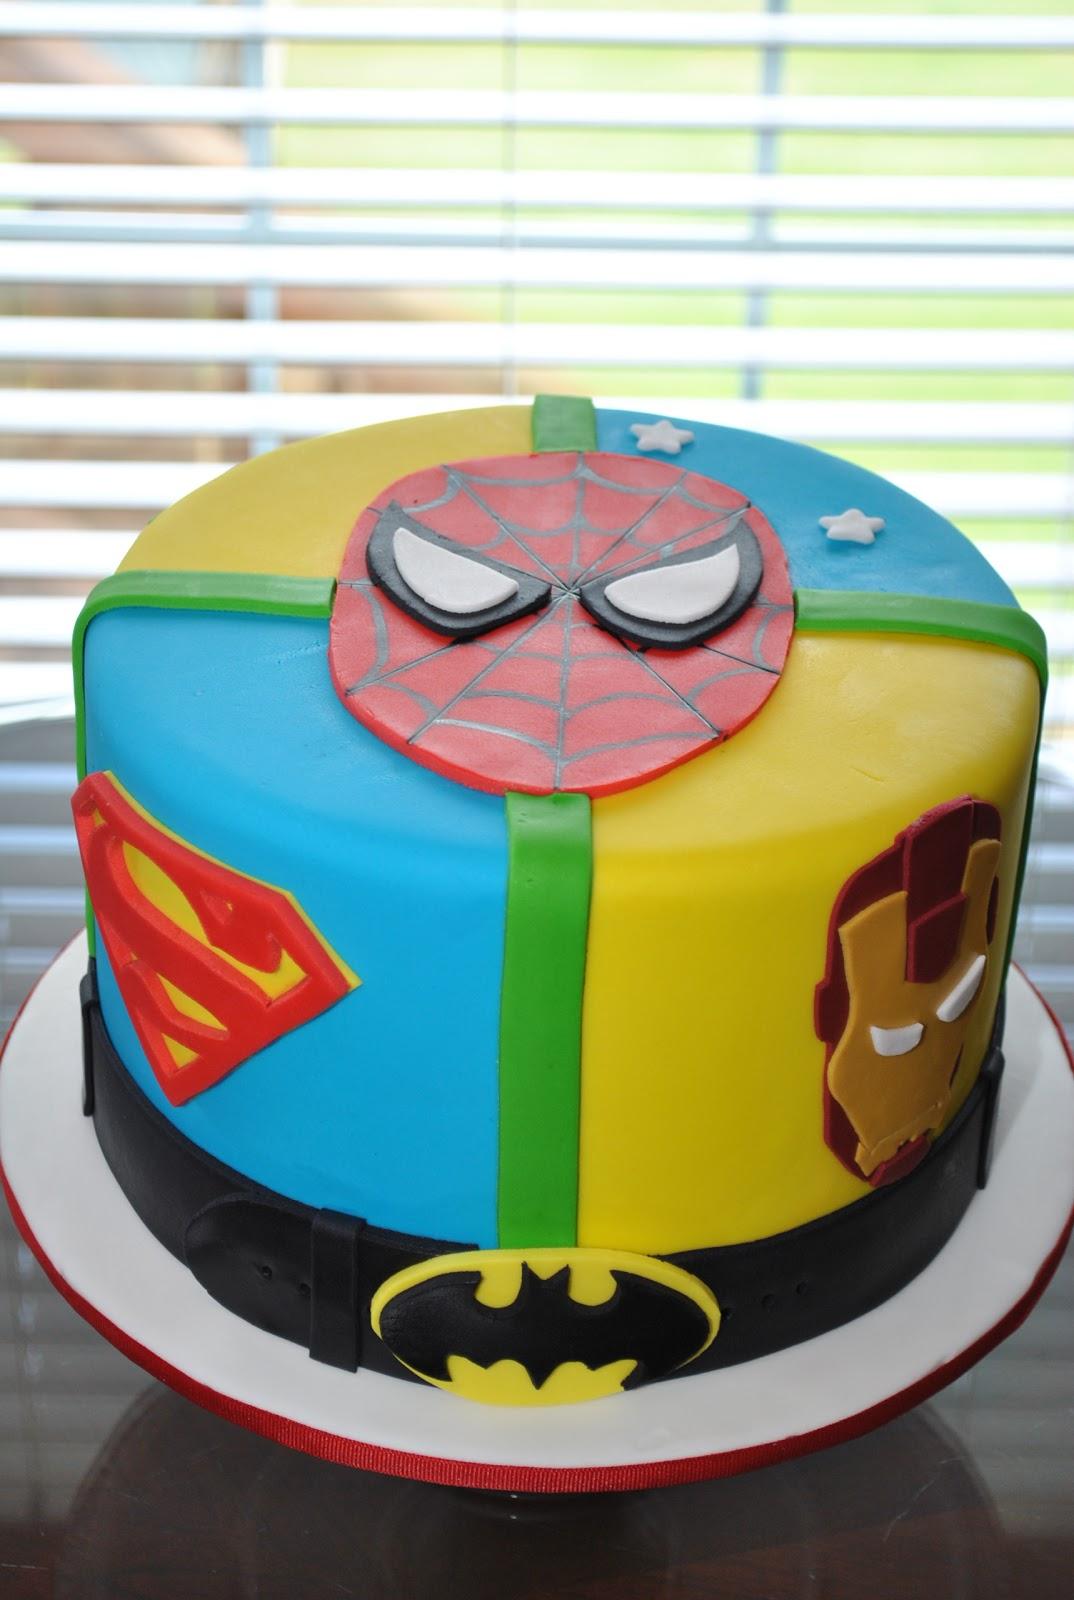 Wick'd Cakes: Superhero Cake  |Superhero Cakes